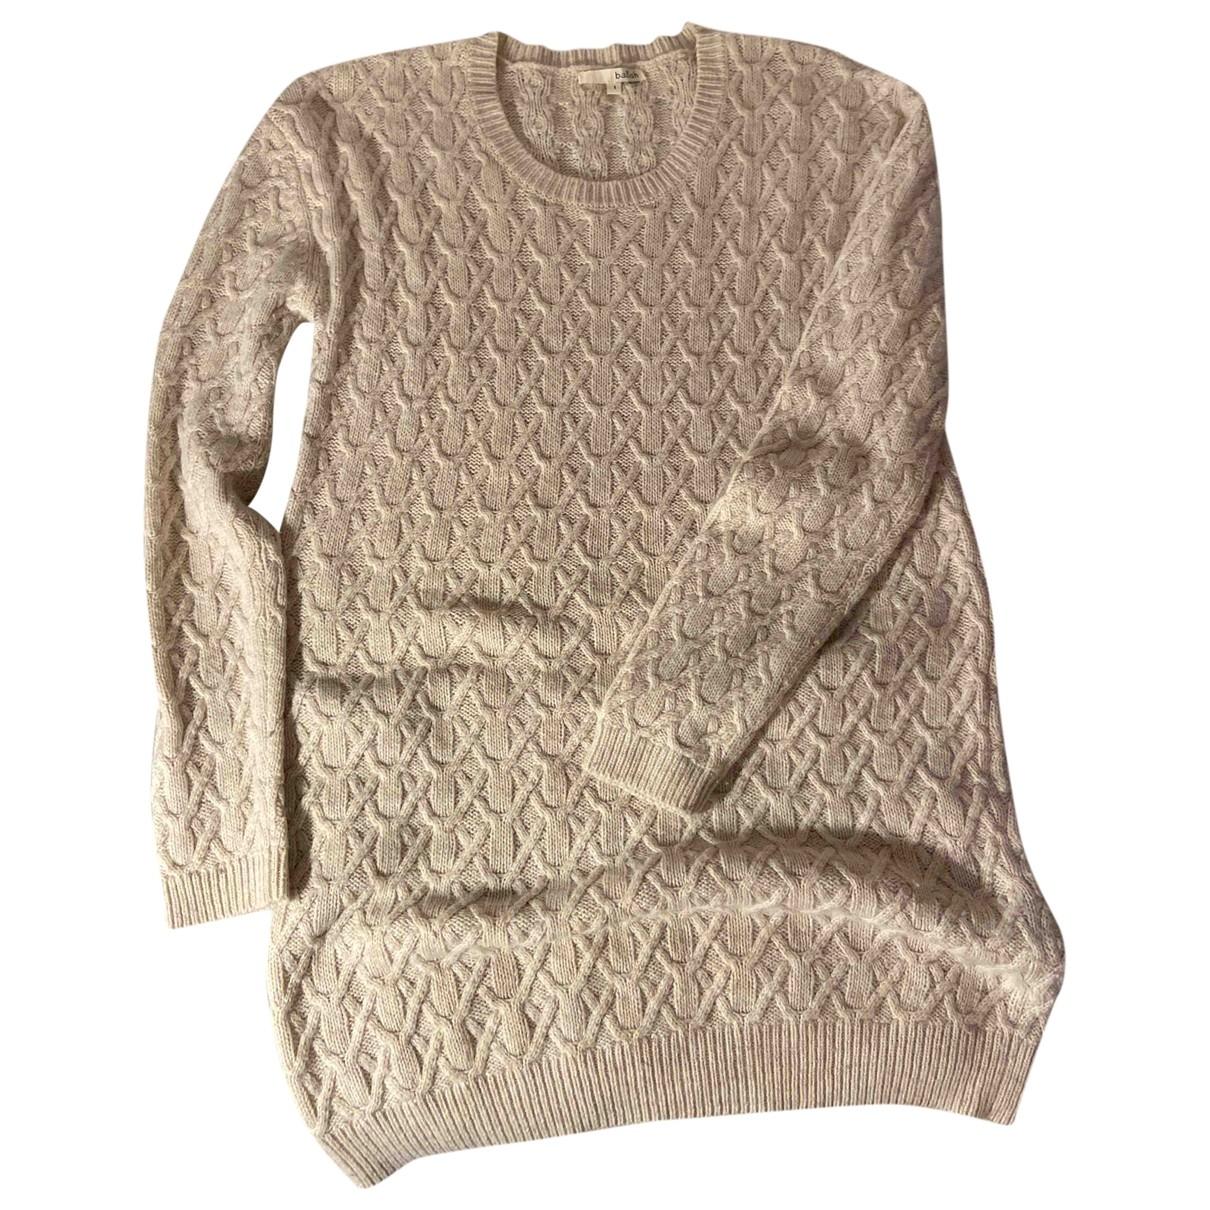 Ba&sh \N Kleid in  Beige Wolle